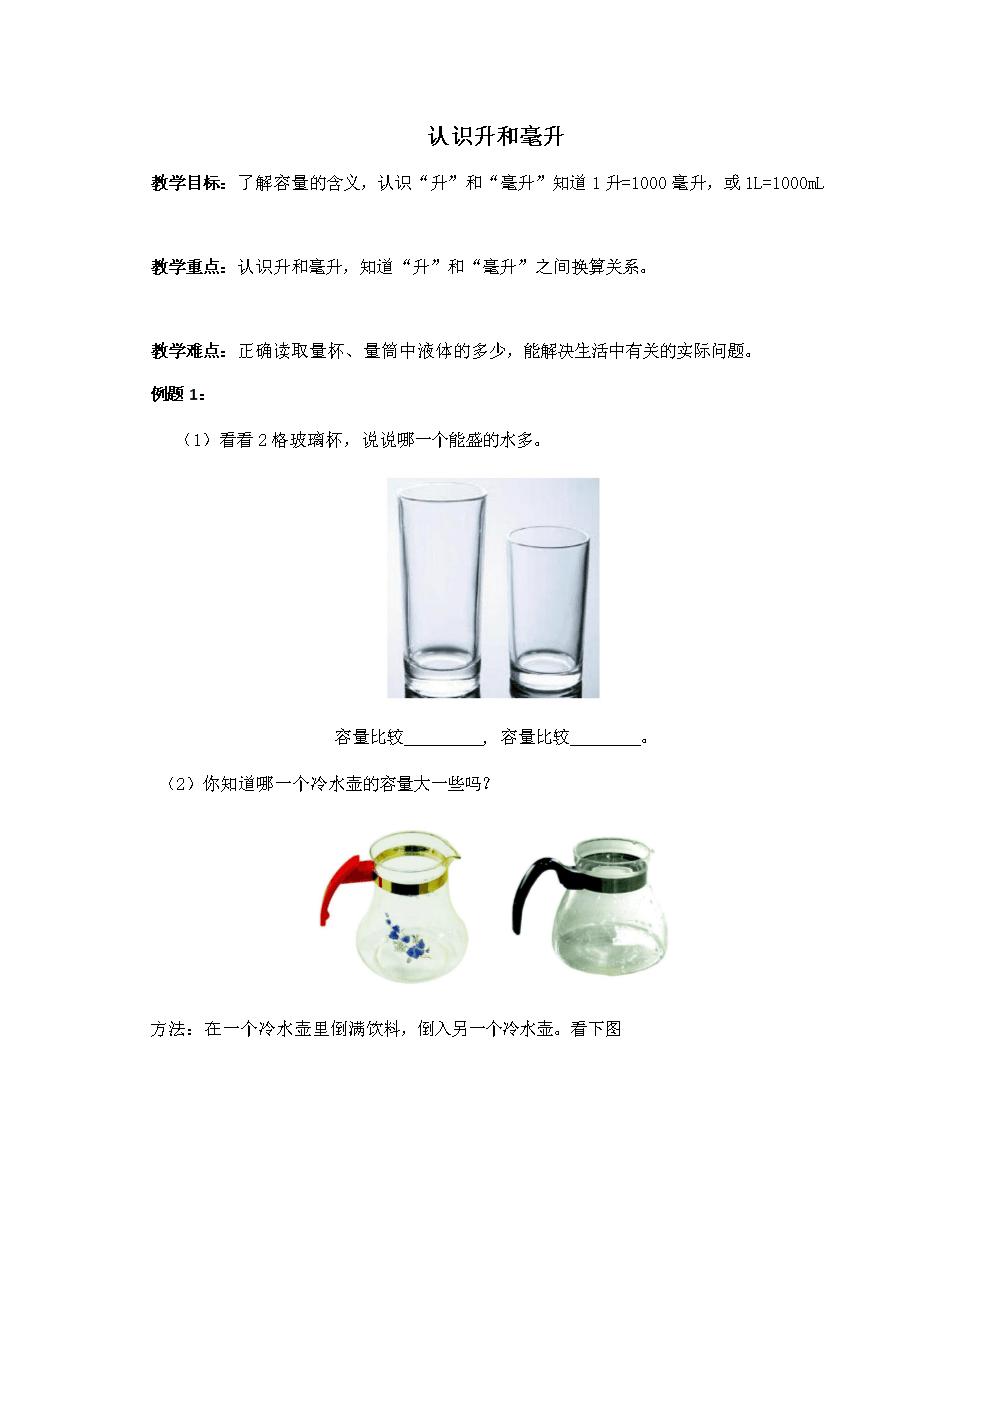 四年级下册数学教案-认识升和毫升   苏教版(2014秋).docx